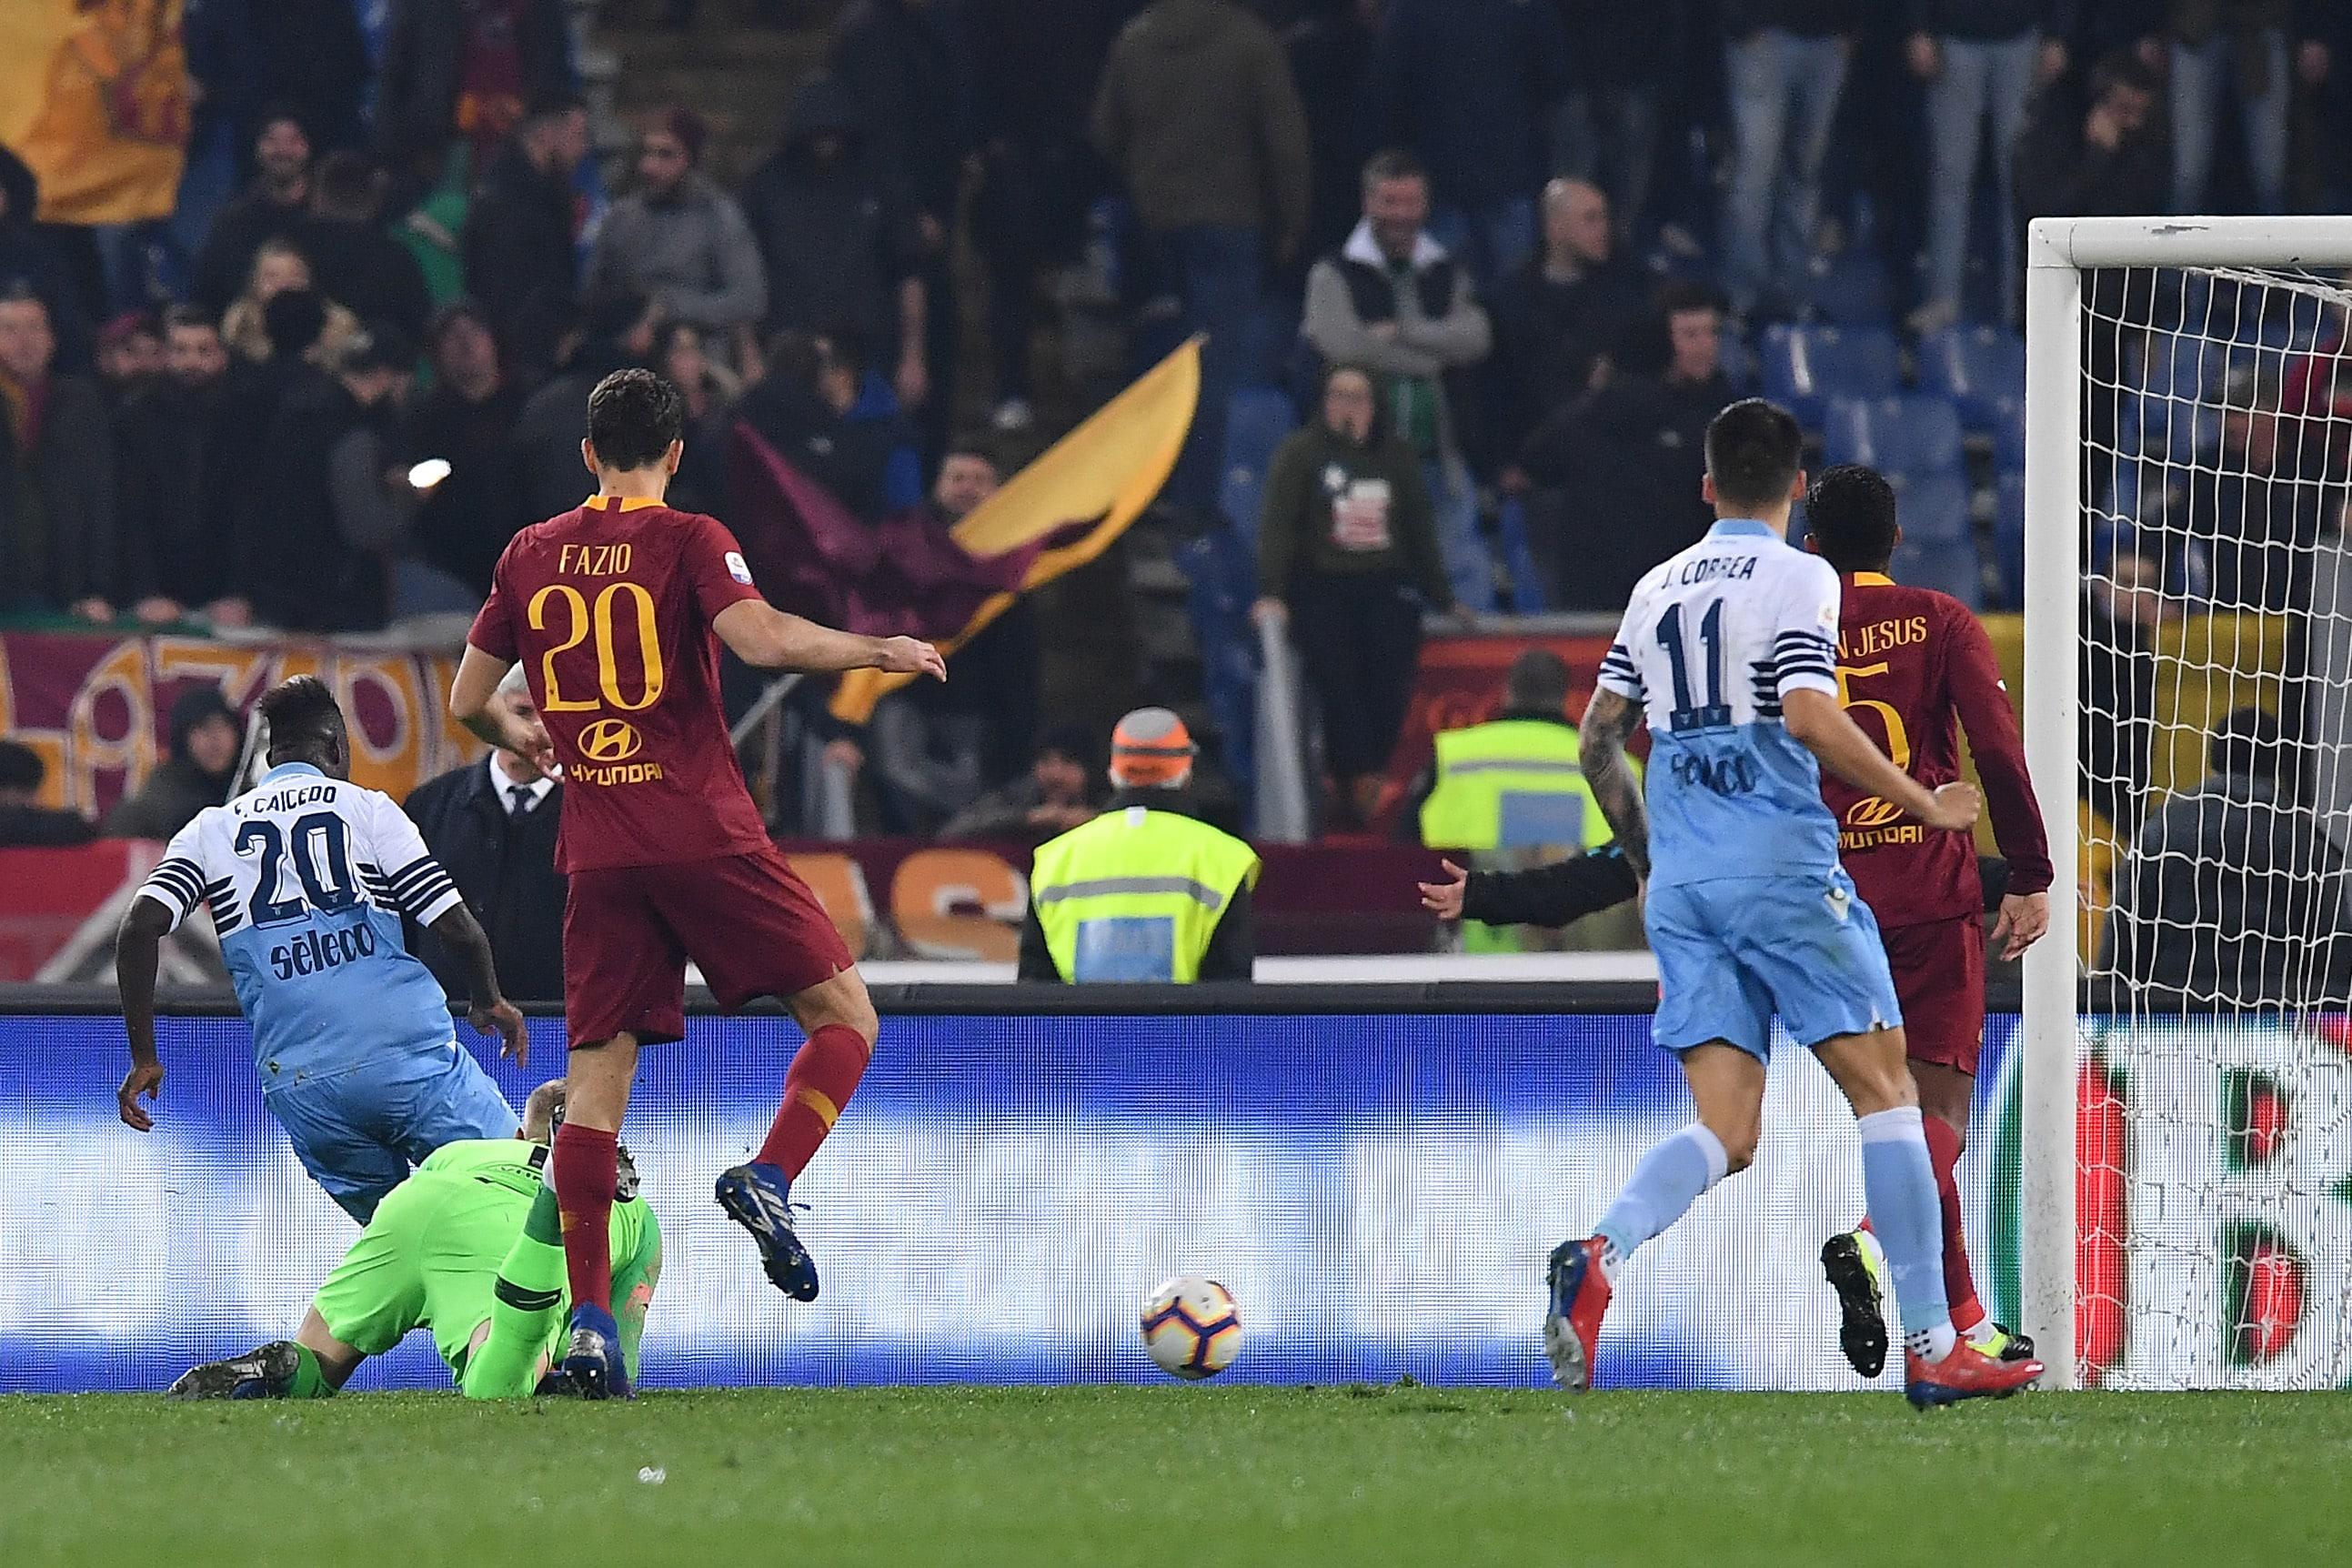 Il derby della Capitale 'incorona' con merito la Lazio